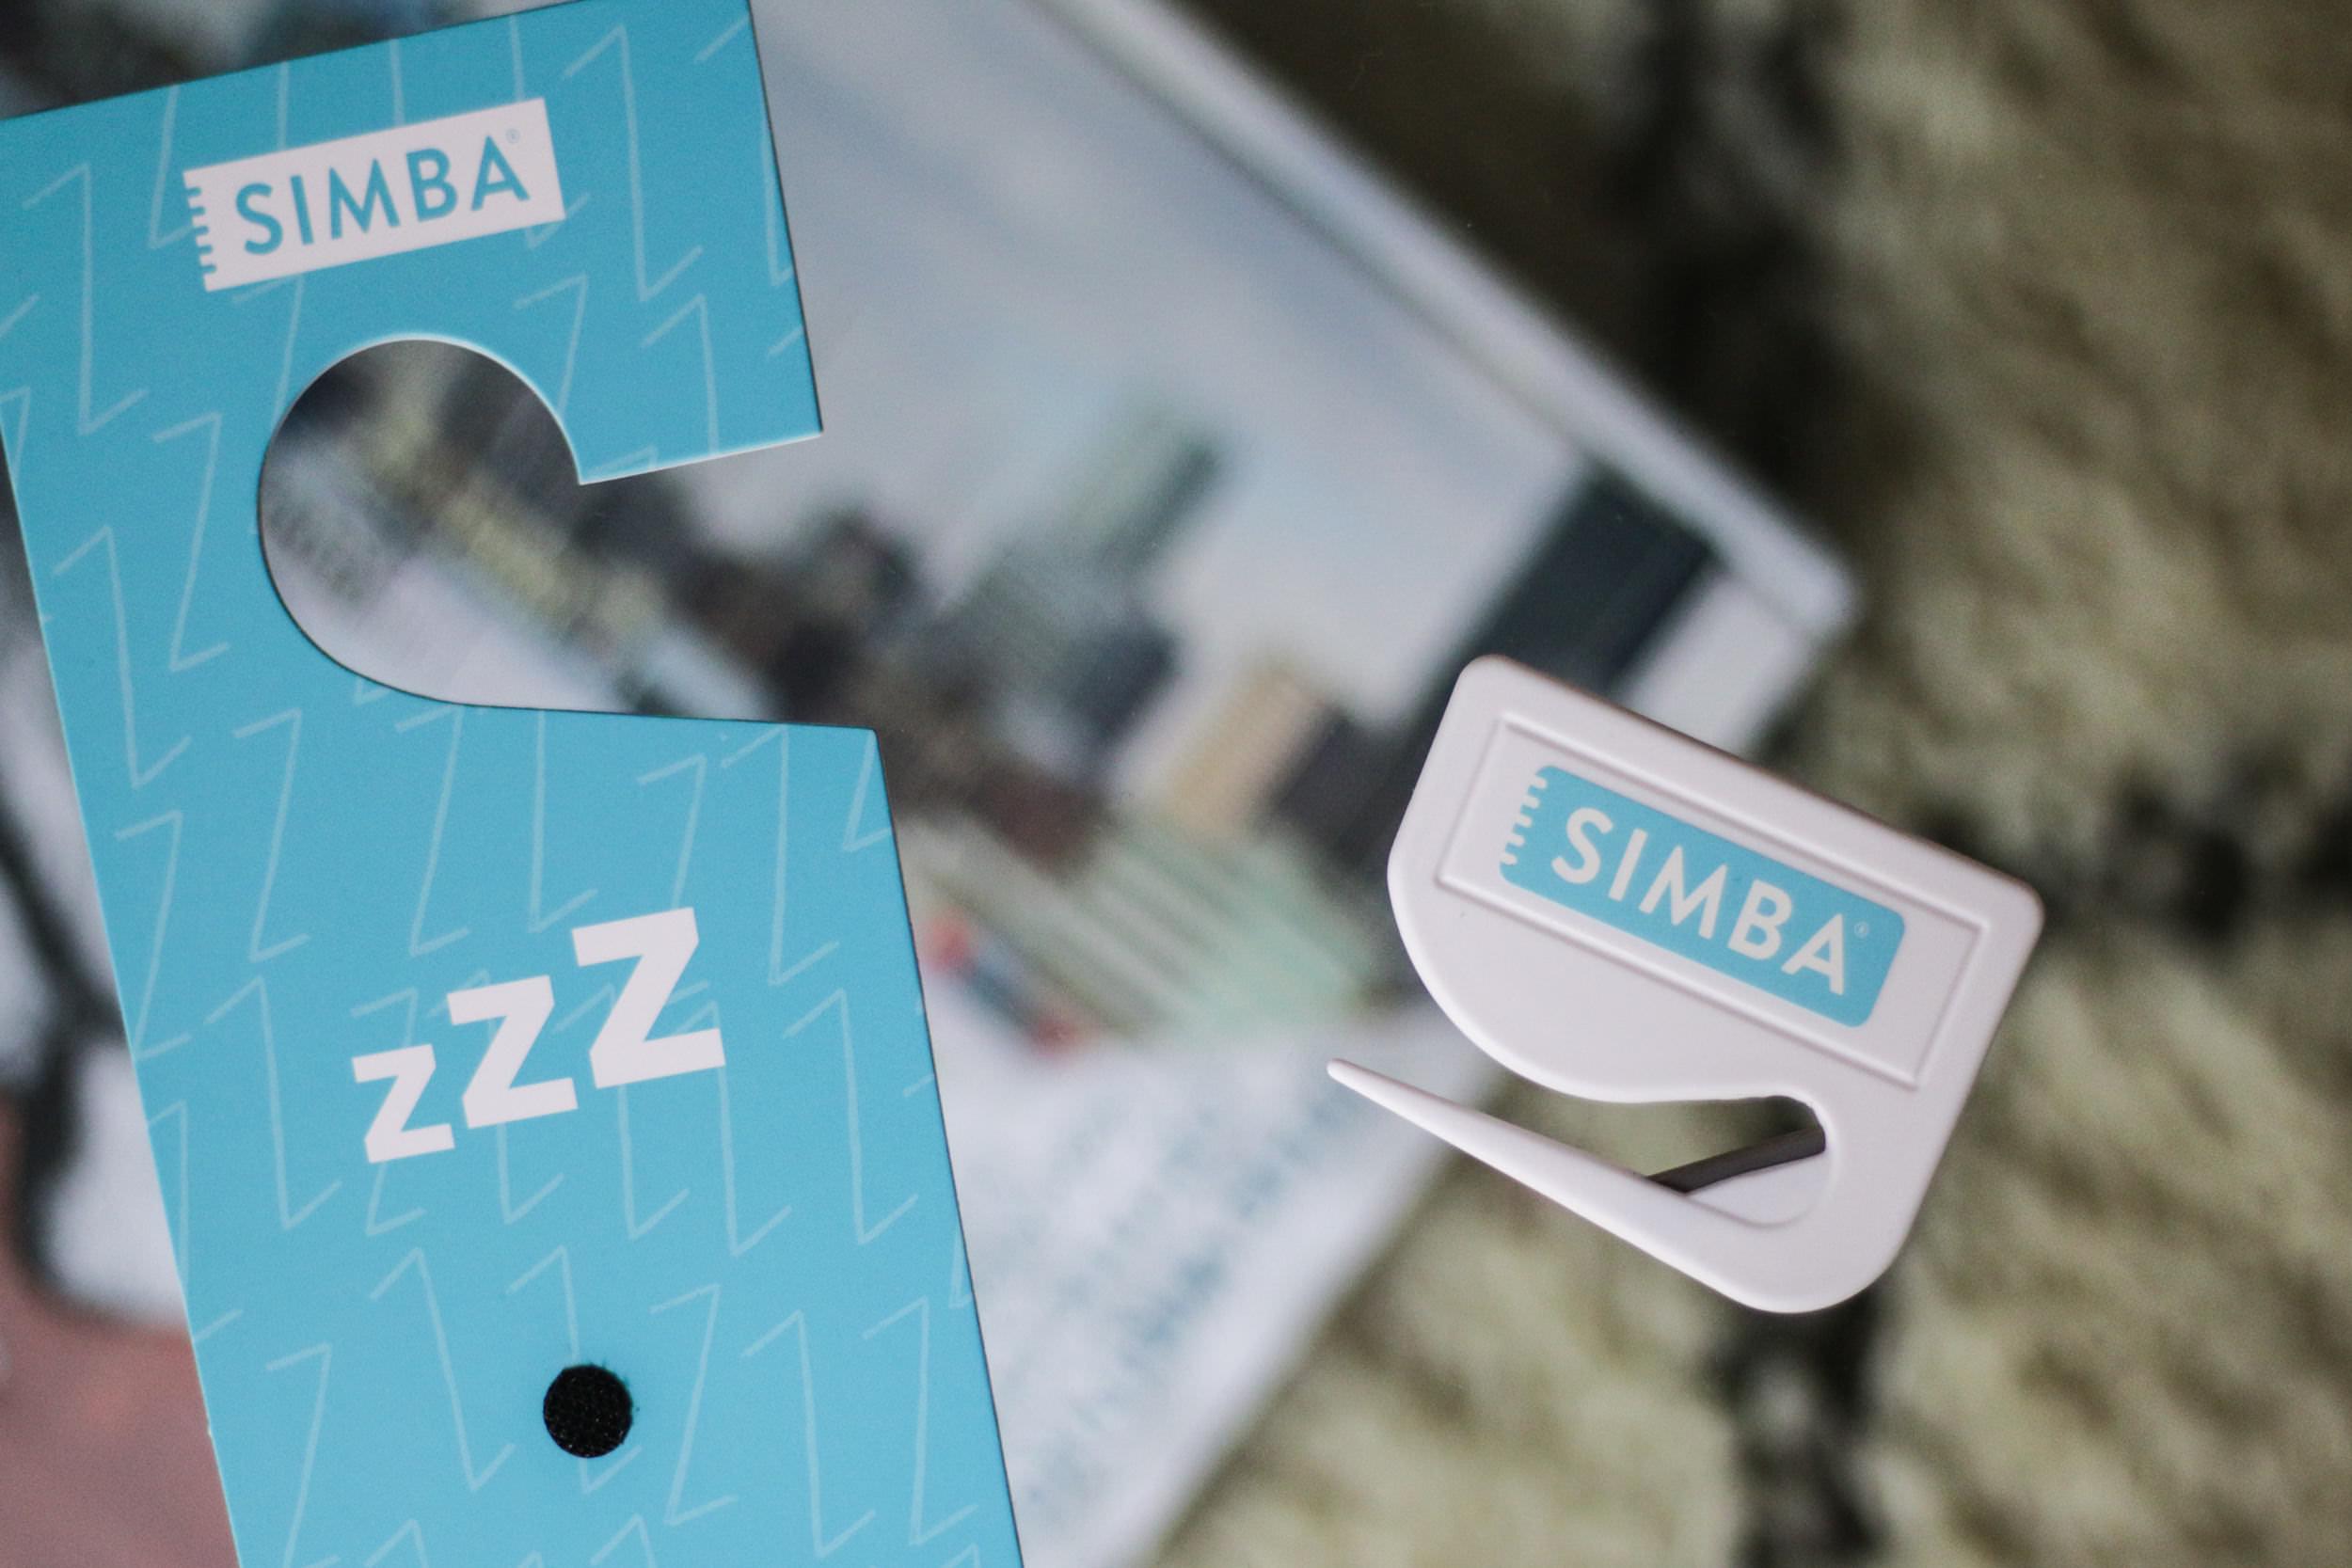 simba cutter